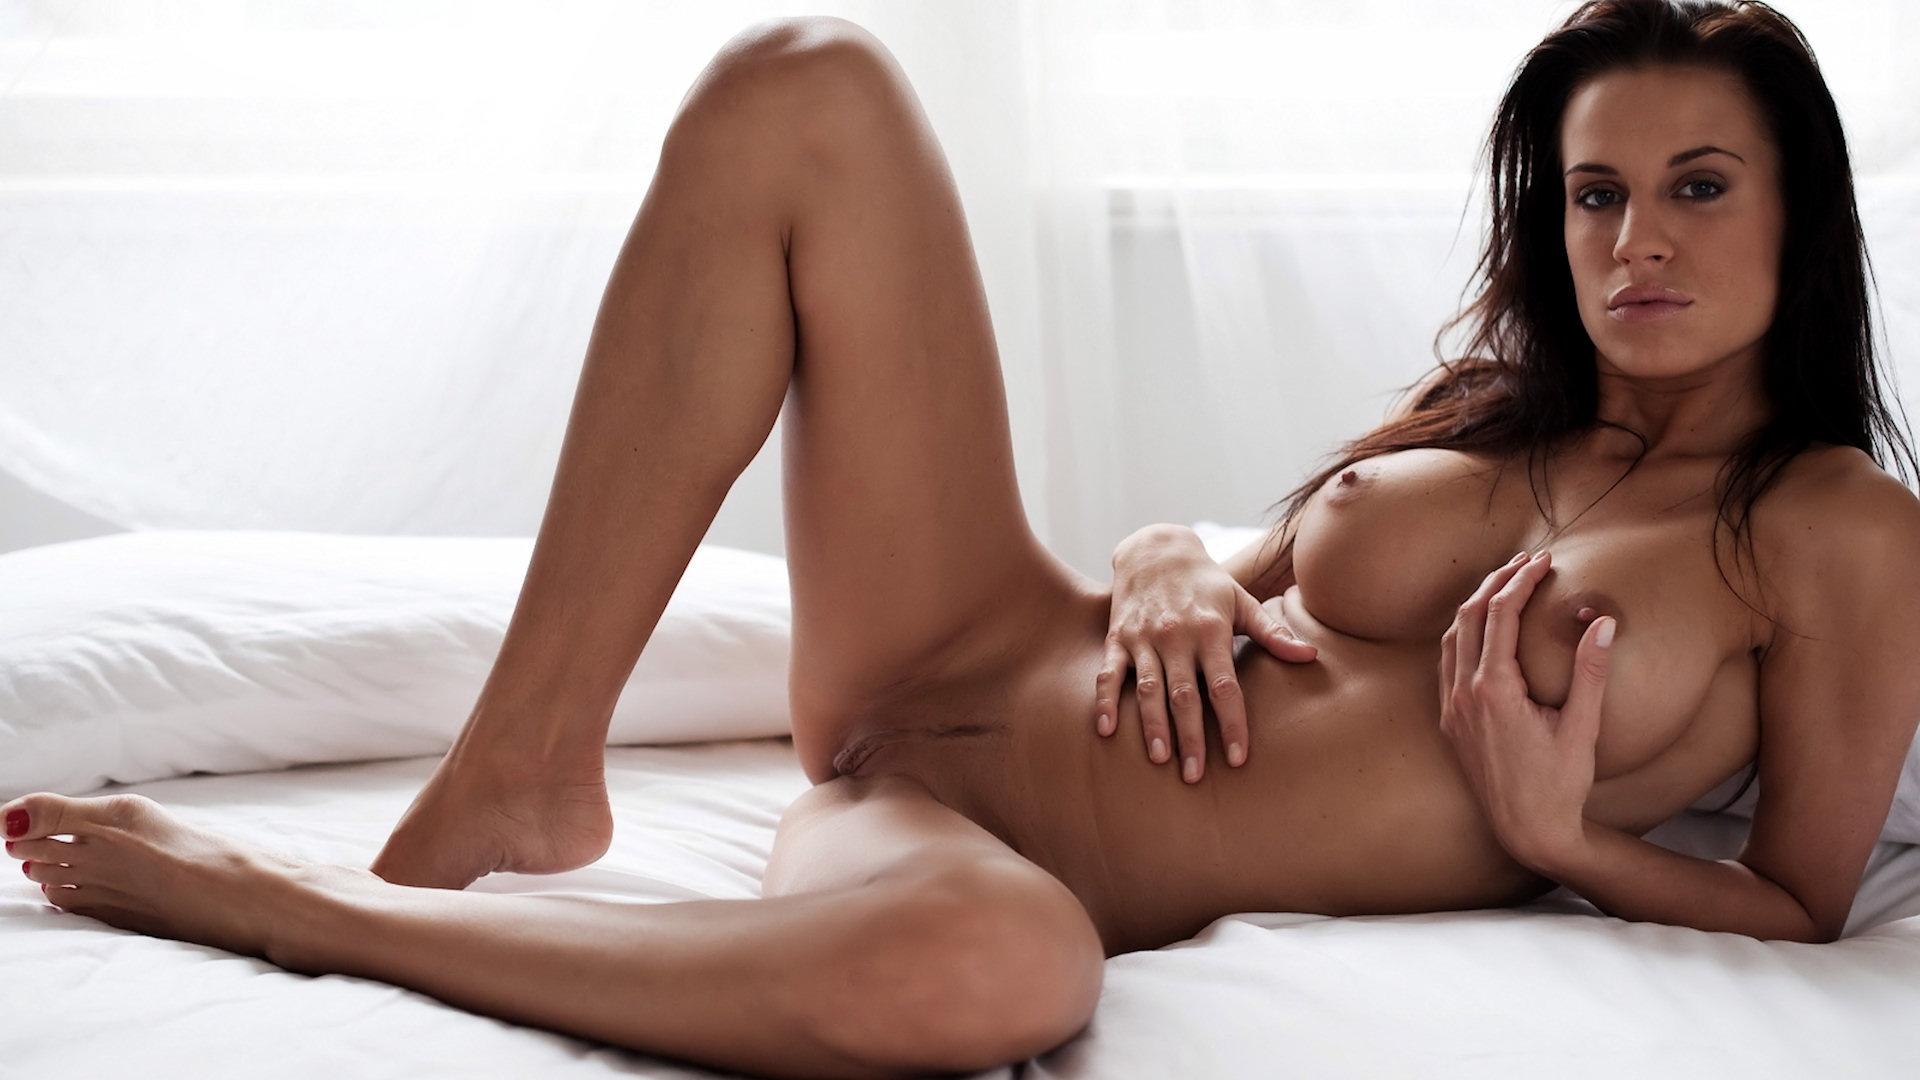 Desktop porno pics nudes